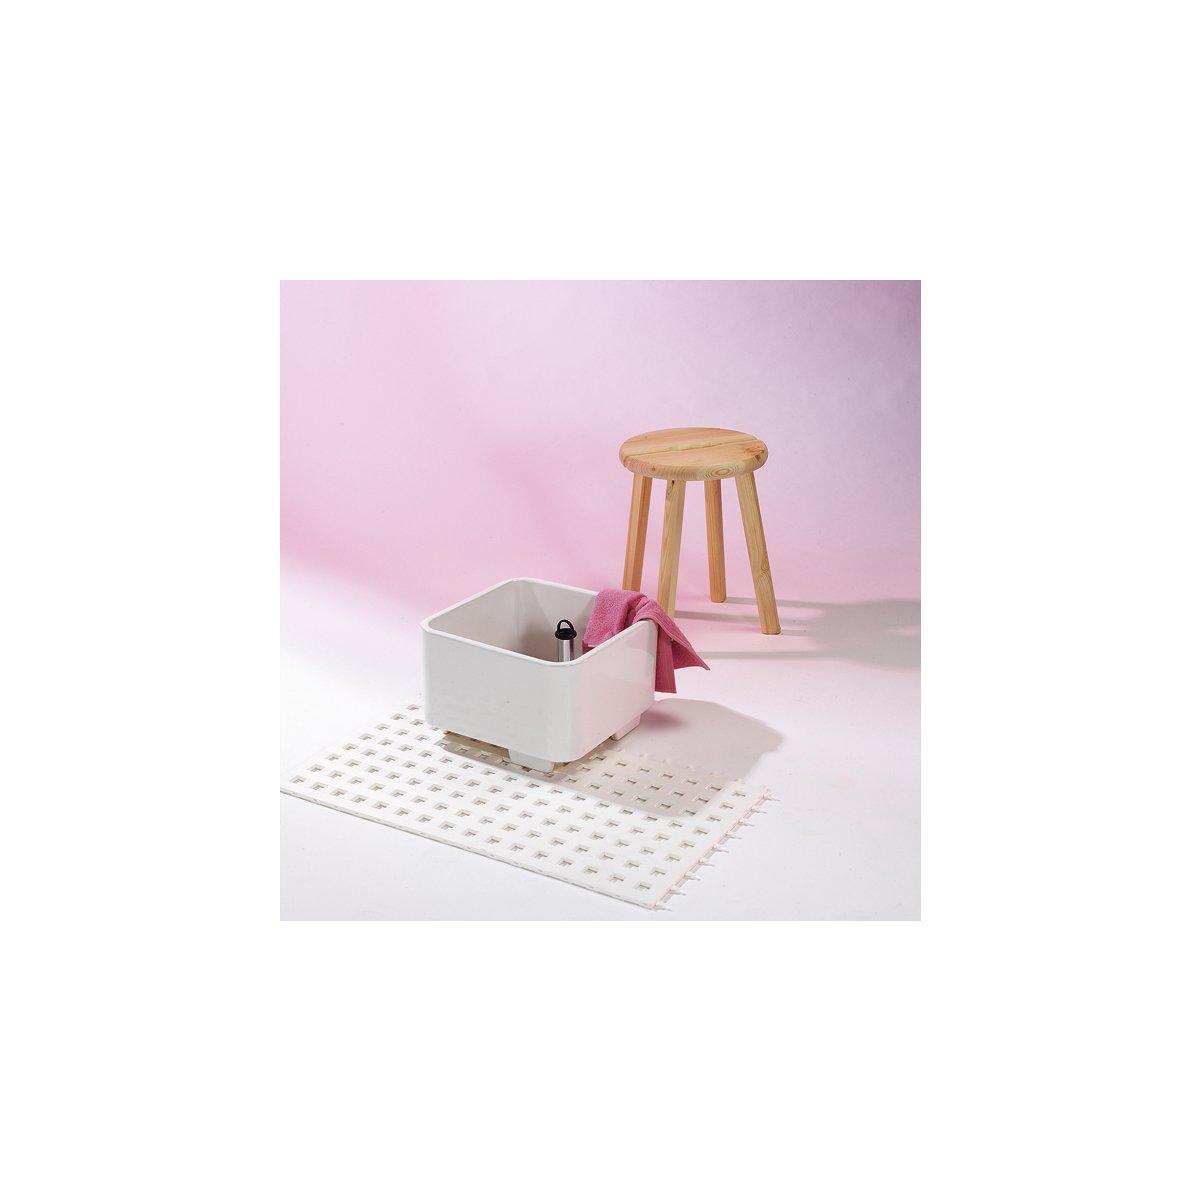 fu becken keramik eckig 436 50. Black Bedroom Furniture Sets. Home Design Ideas